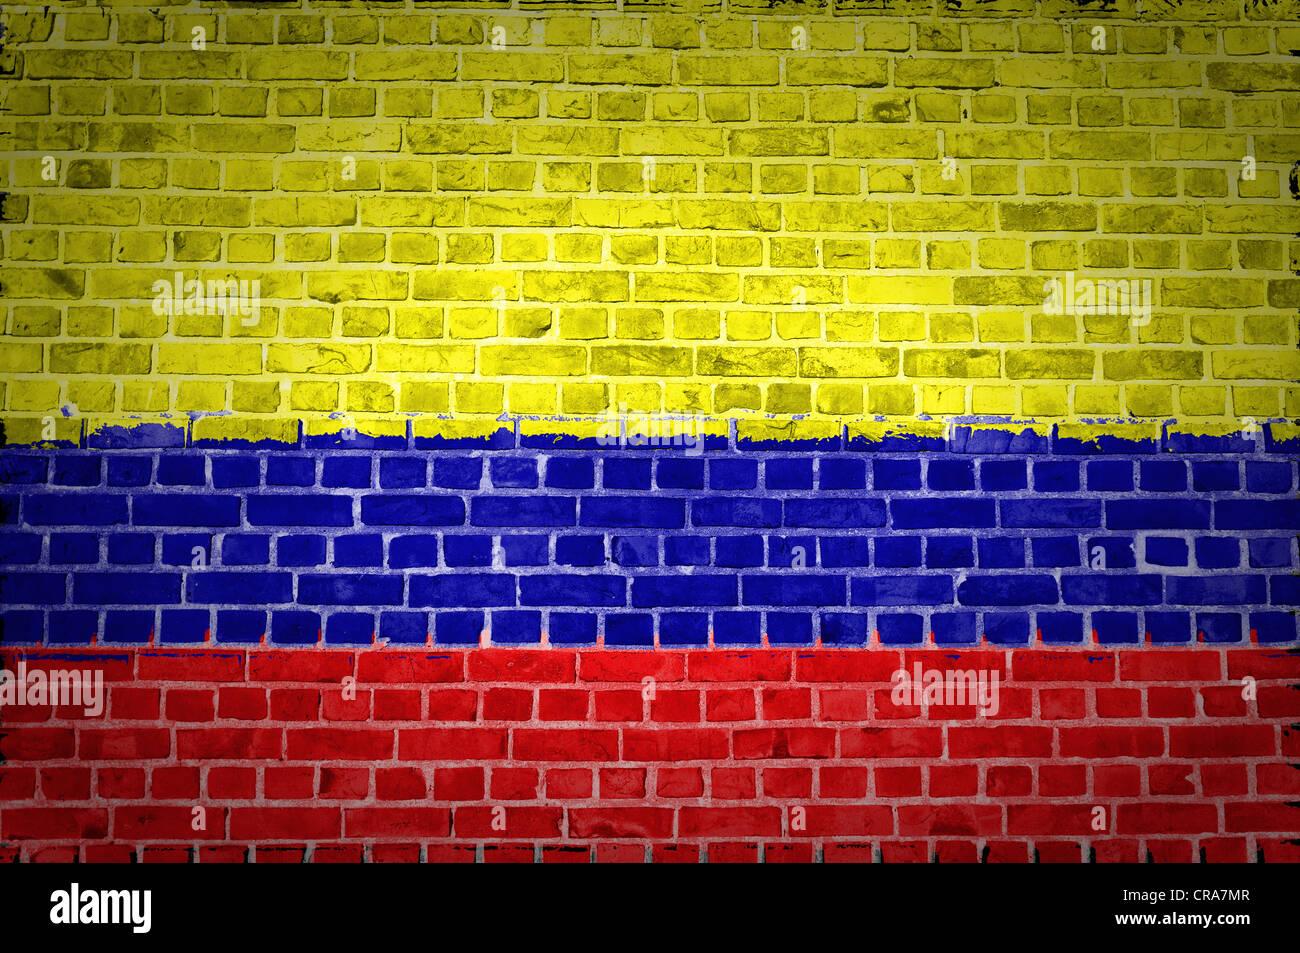 Une image de la Colombie drapeau peint sur un mur de briques dans une localisation urbaine Photo Stock